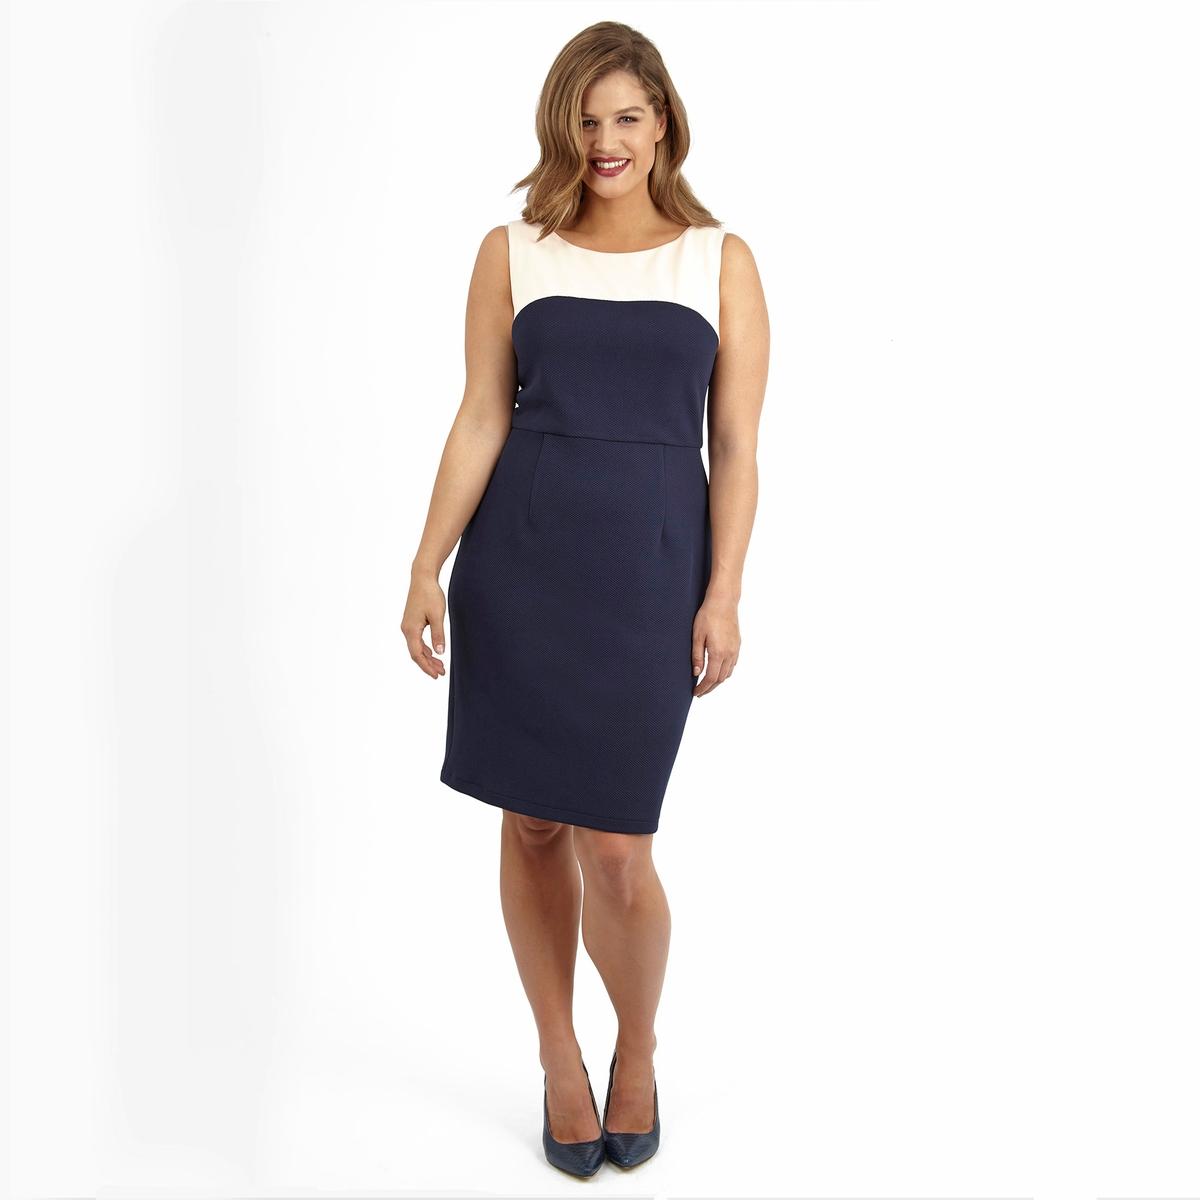 ПлатьеПлатье без рукавов LOVEDROBE. Красивое двухцветное платье. 100% полиэстер.<br><br>Цвет: слоновая кость/синий<br>Размер: 54/56 (FR) - 60/62 (RUS).44 (FR) - 50 (RUS)